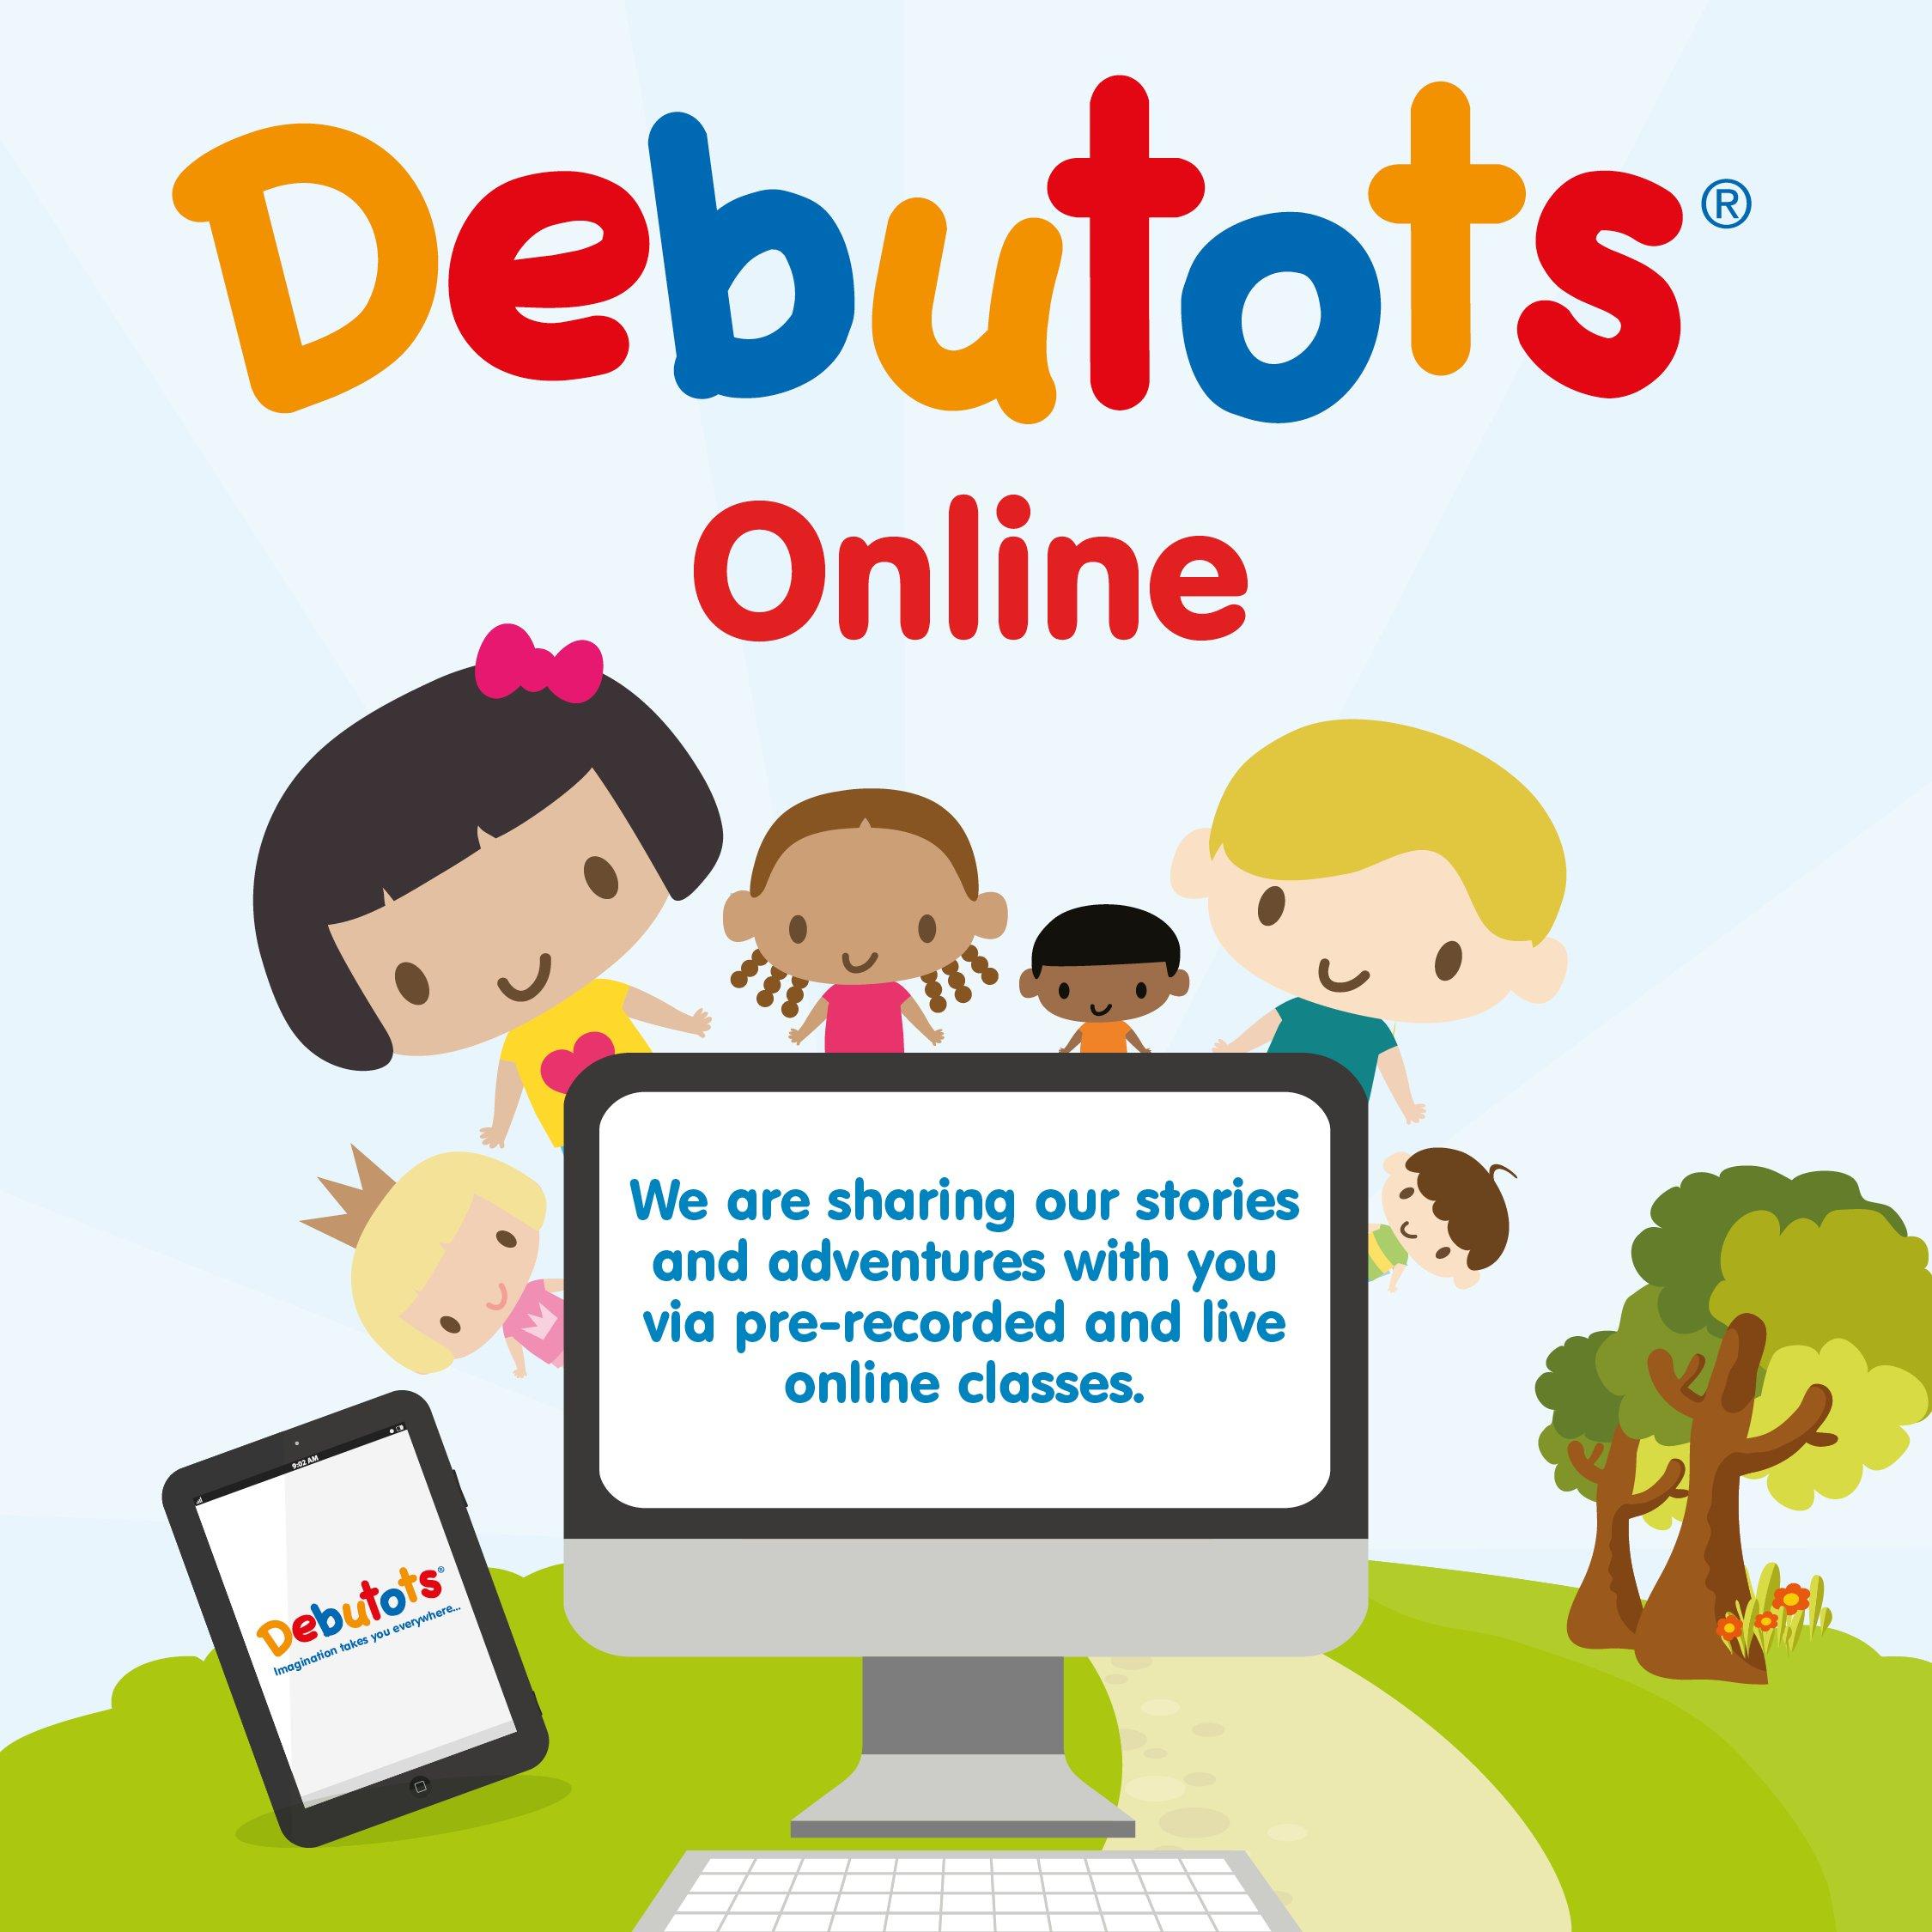 Debutots Online